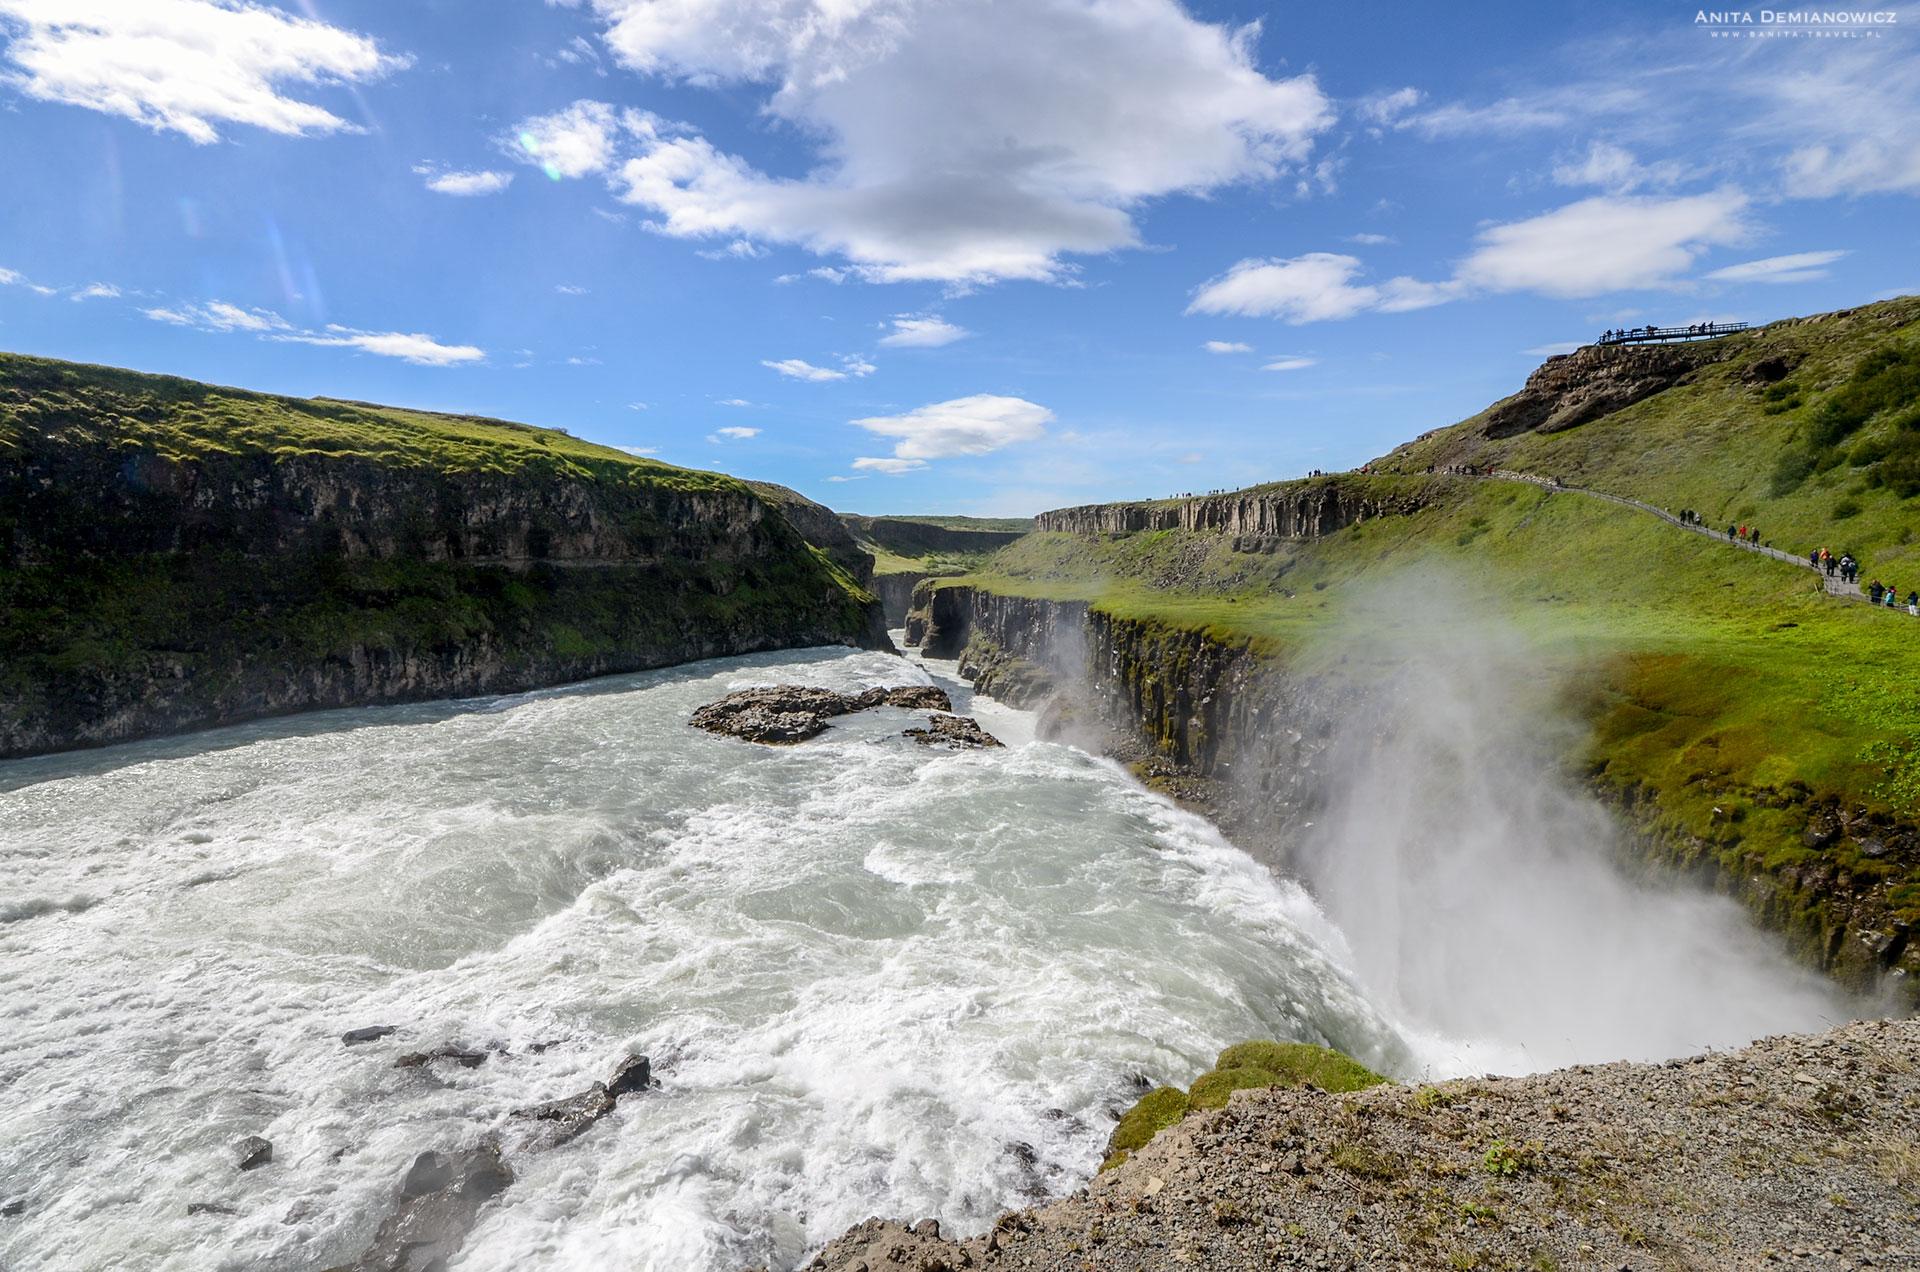 Wodospad Gulfoss, Islandia, Anita Demianowicz